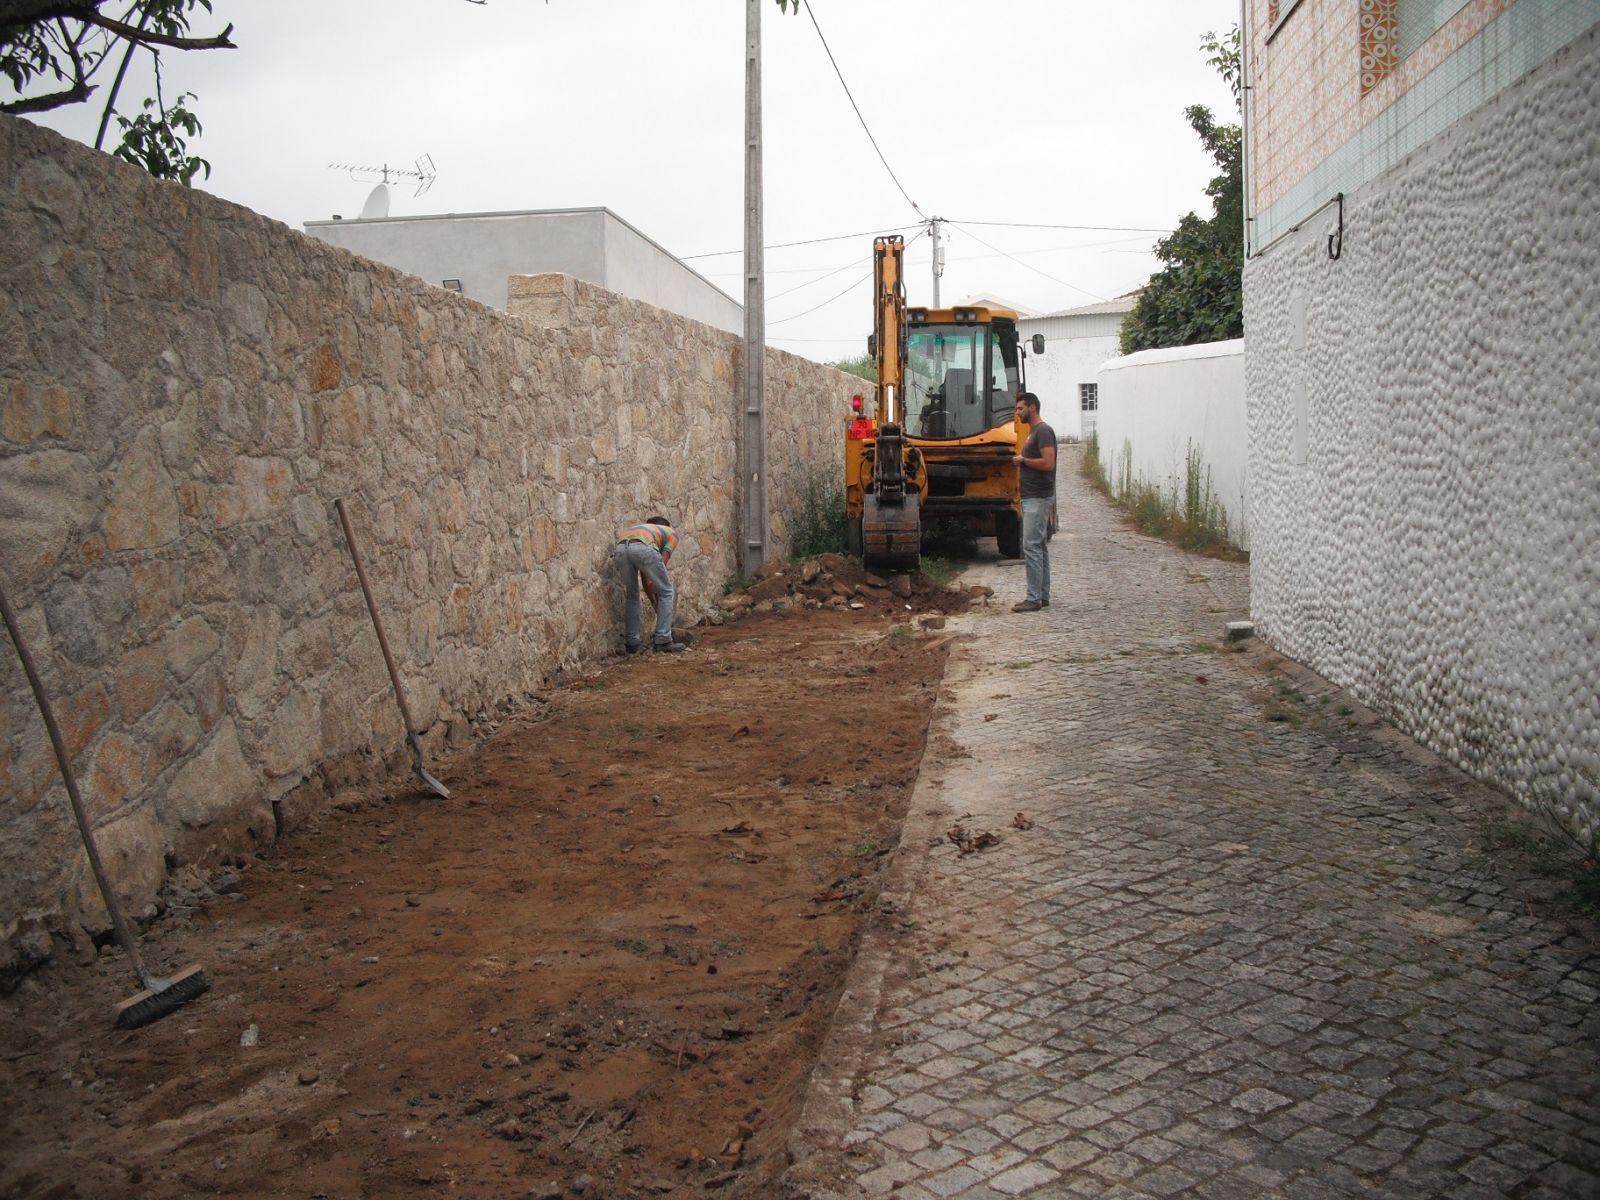 Rua Domingos Fernandes Vieira_2